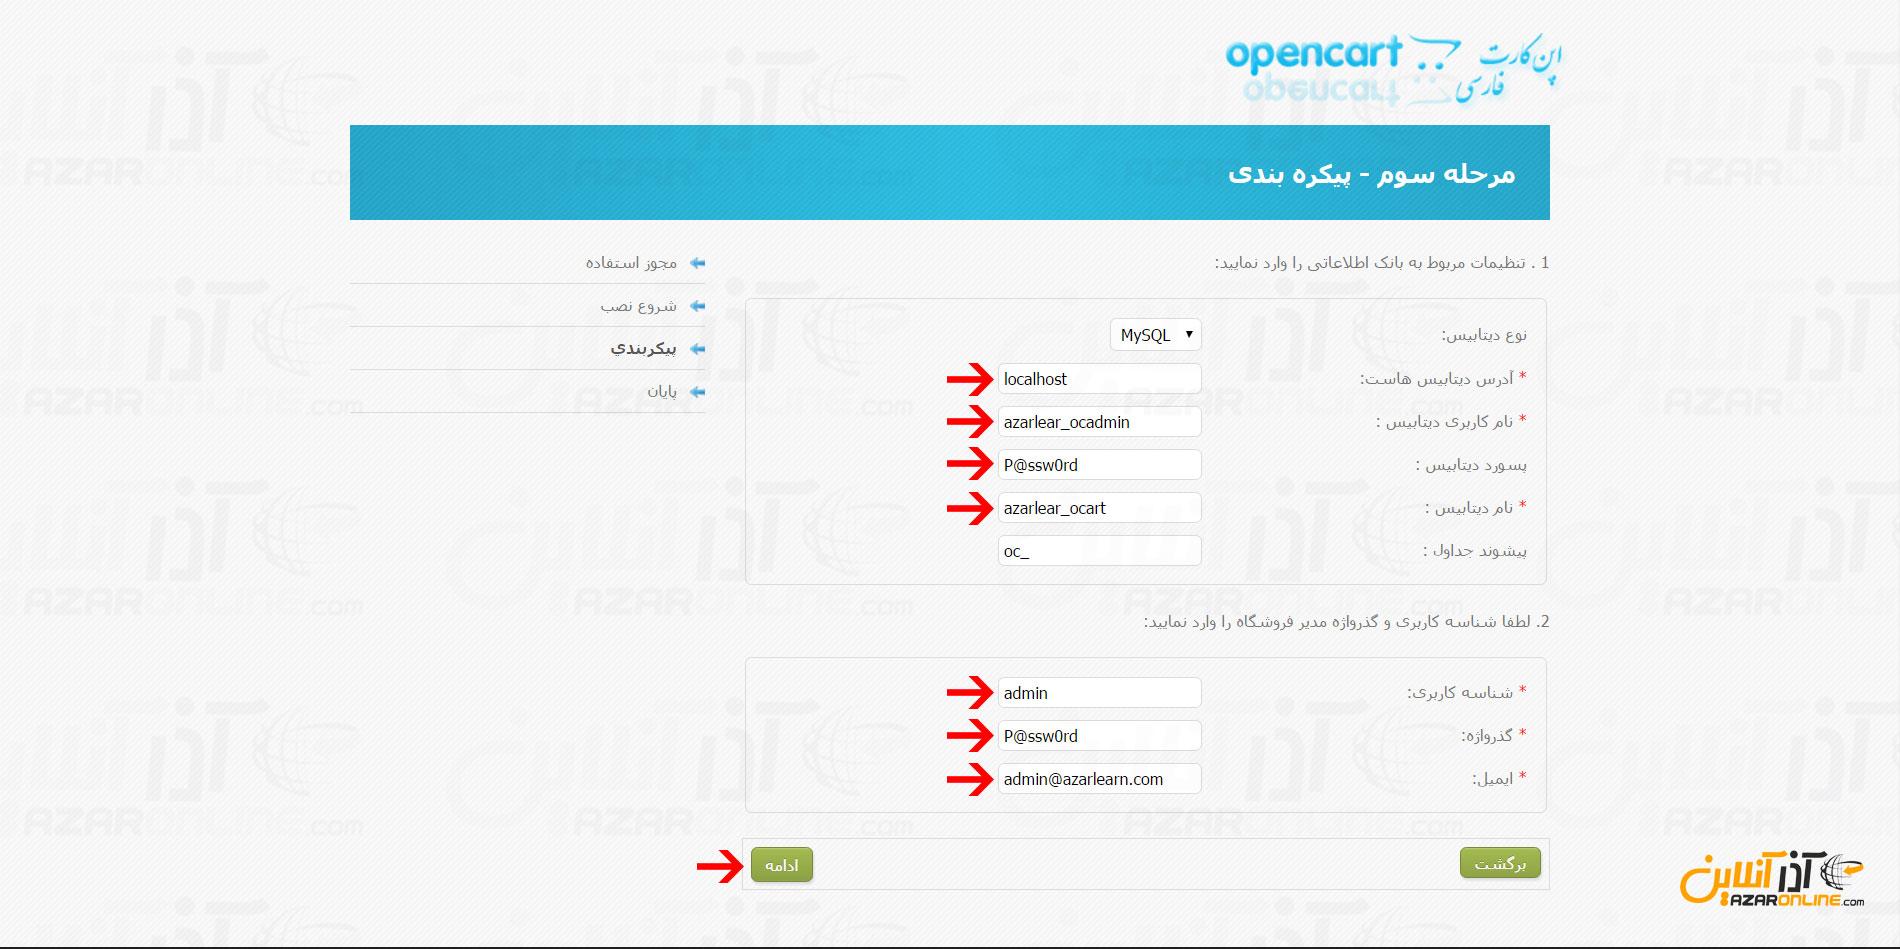 آموزش نصب فروشگاه ساز opencart - وارد کردن اطلاعات دیتابیس و یوزر و پسورد داشبورد